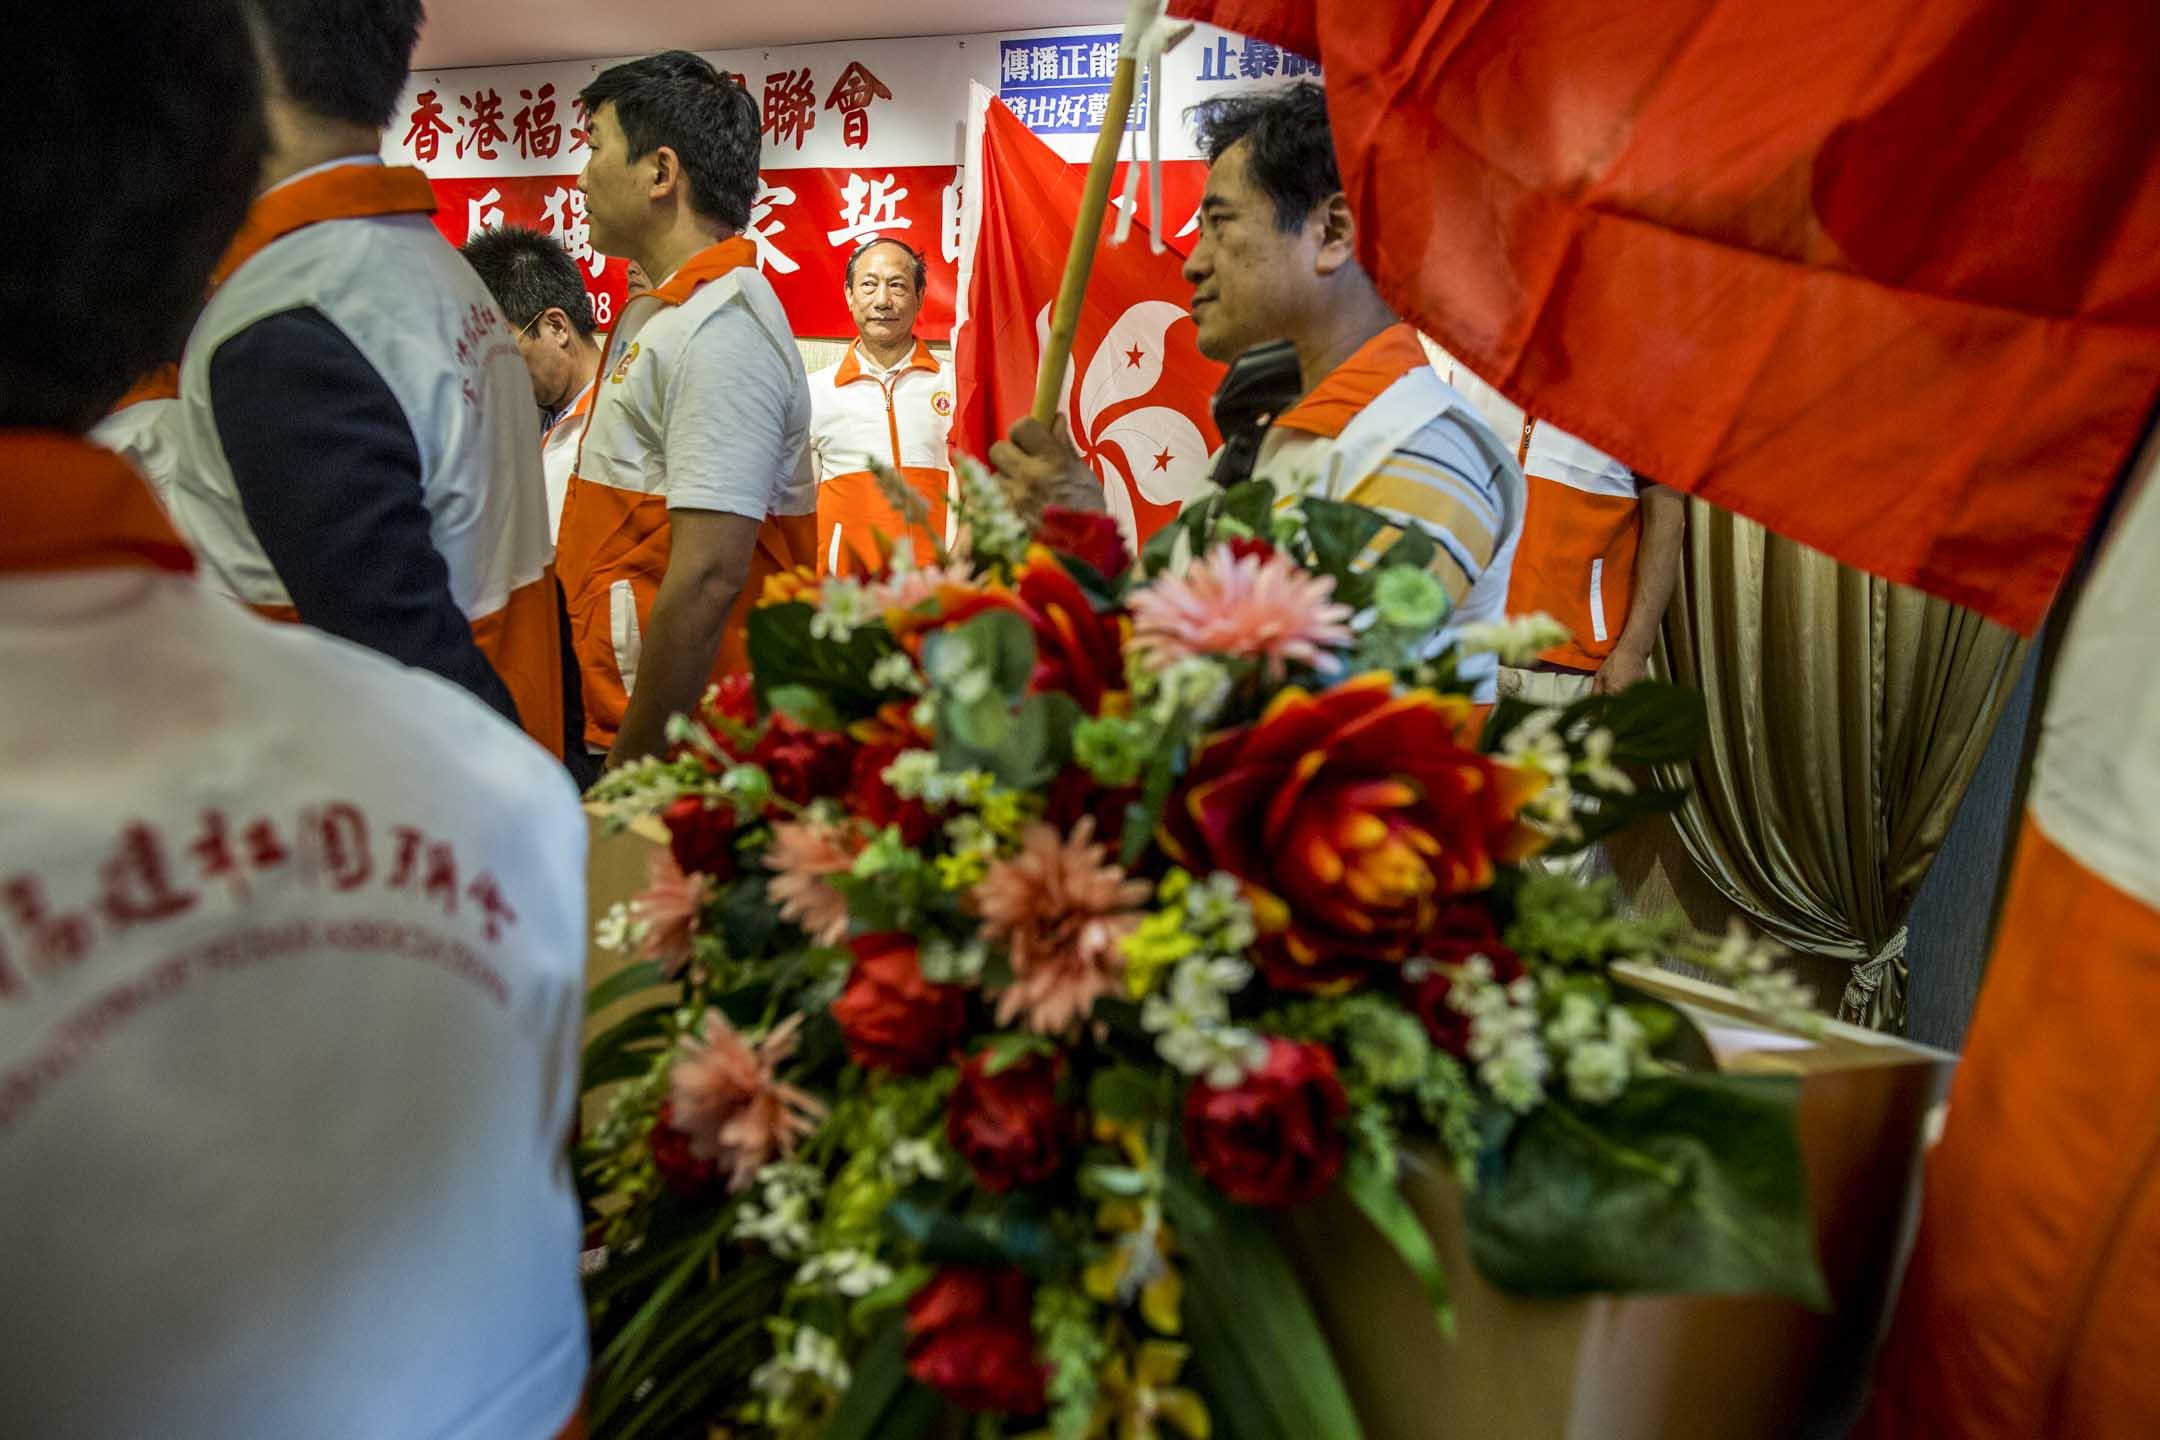 2019年8月10日,「香港福建社團聯會」發起「止暴制亂、反獨保家」誓師大會,號召將「止暴制亂」化成具體行動,又強調「人若犯我,我必自衛」。 攝:林振東/端傳媒